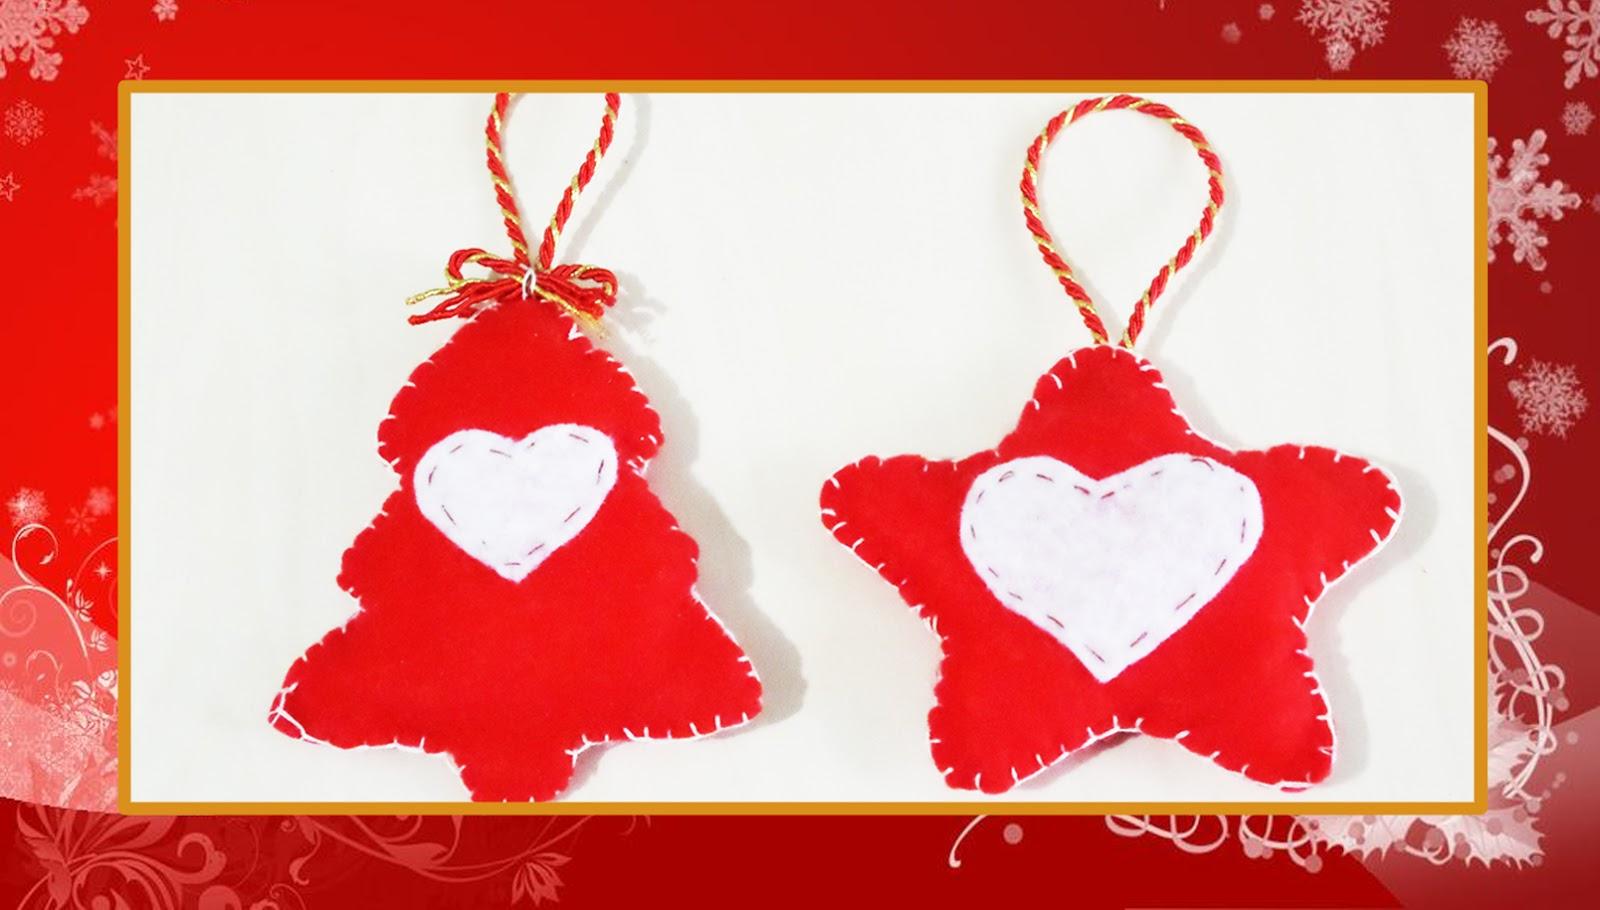 Stella Per Albero Di Natale Fai Da Te.Creative Art Tutorial Decorazioni Natalizie In Feltro Albero E